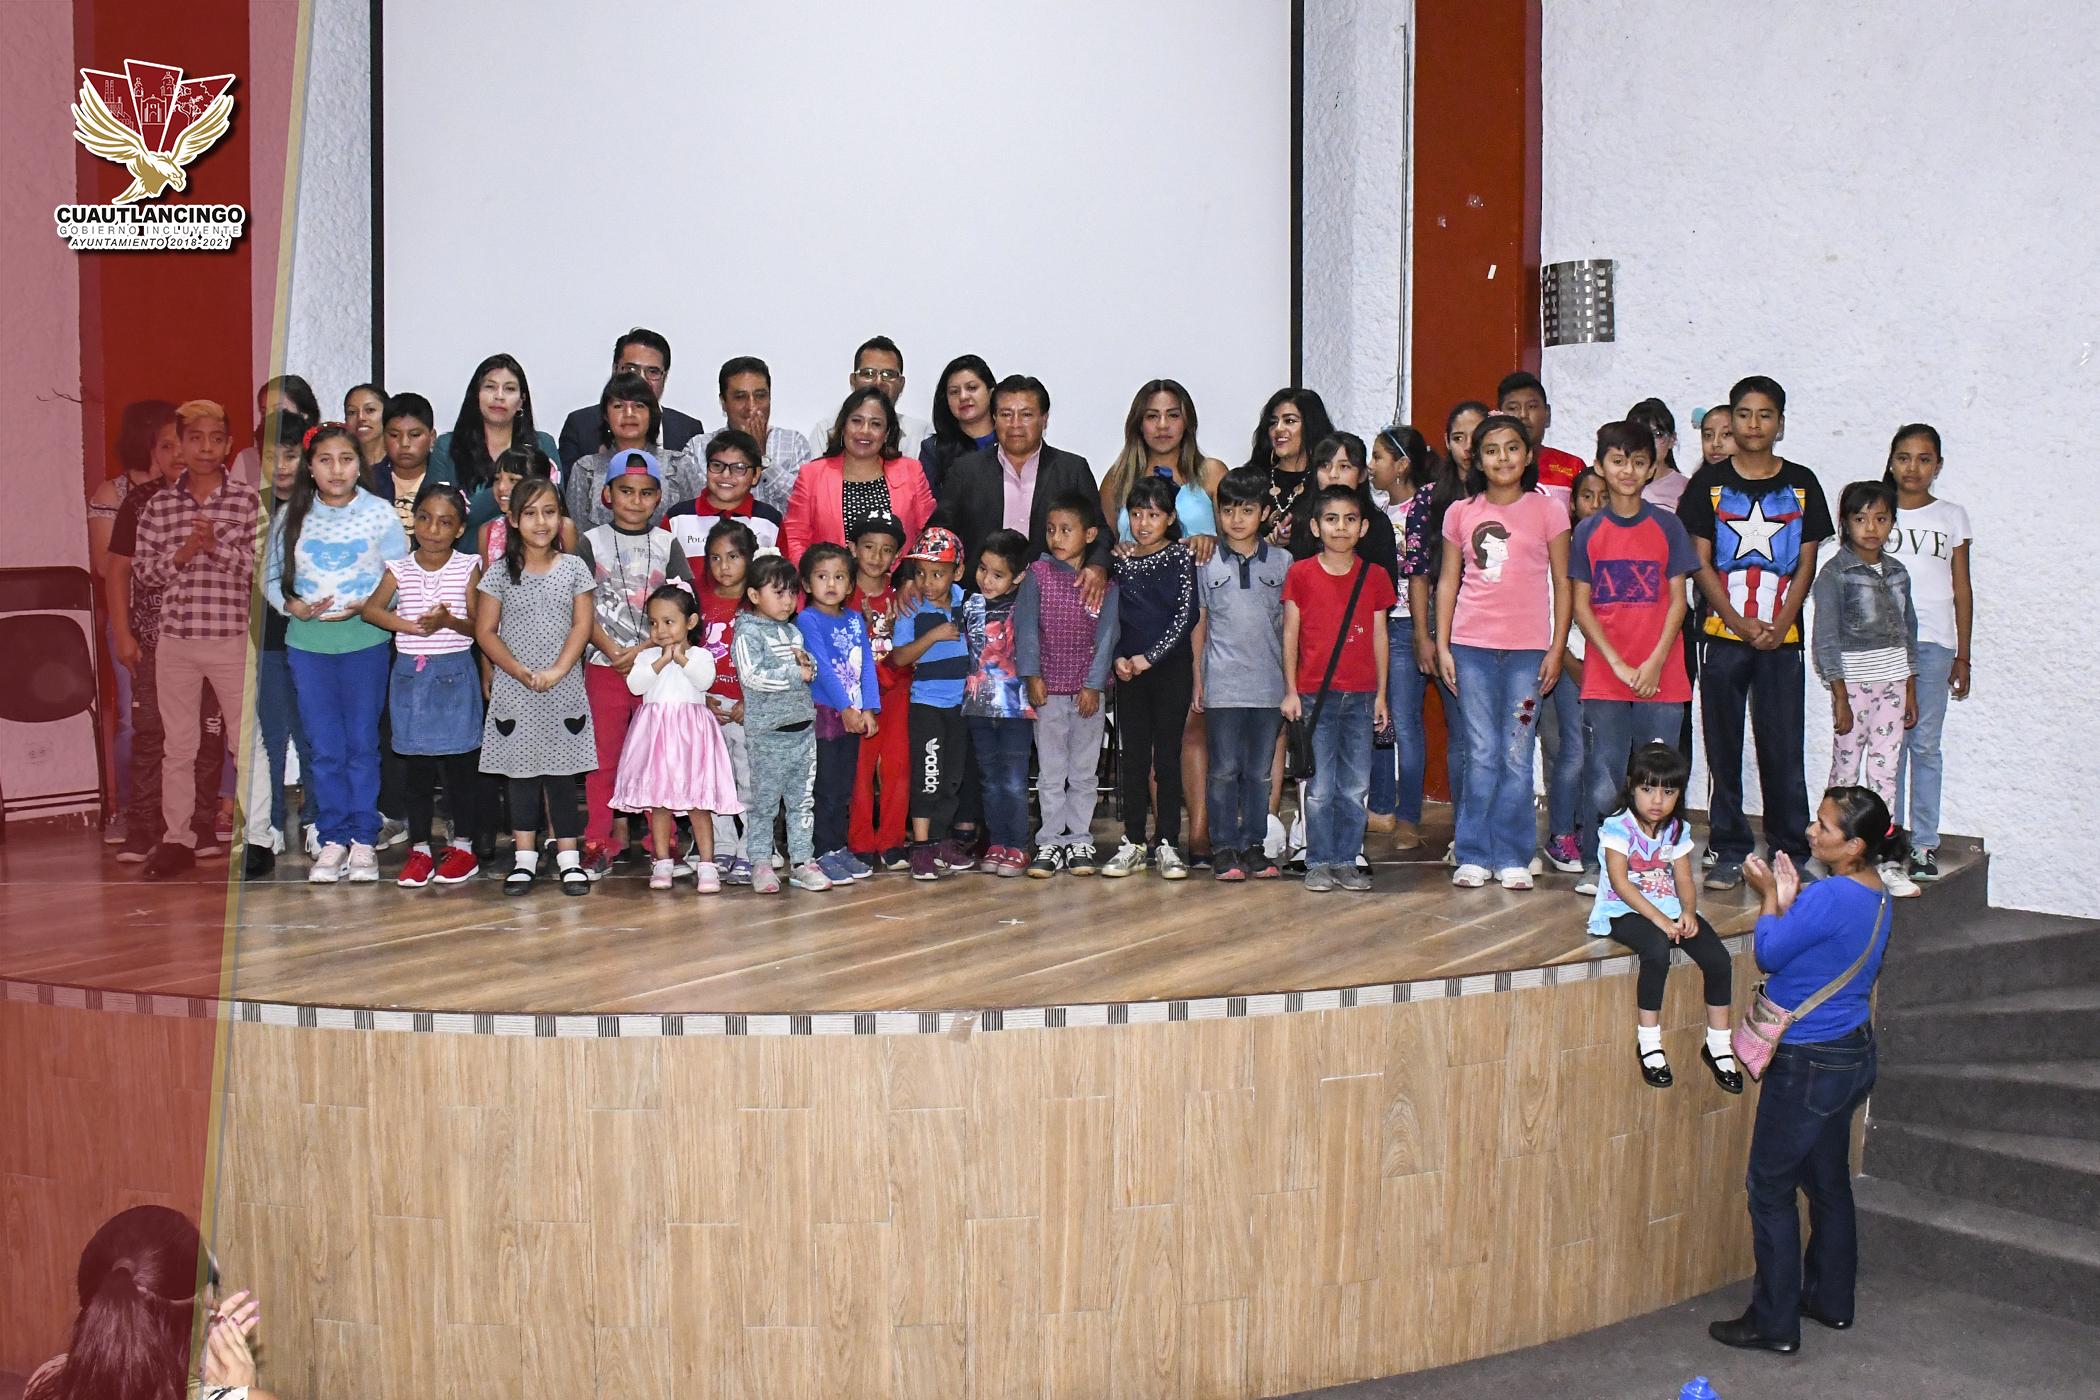 ENTREGA PRESIDENTA MUNICIPAL DE CUAUTLANCINGO, LUPITA DANIEL 52 BECAS CULTURALES A NIÑOS Y JÓVENES